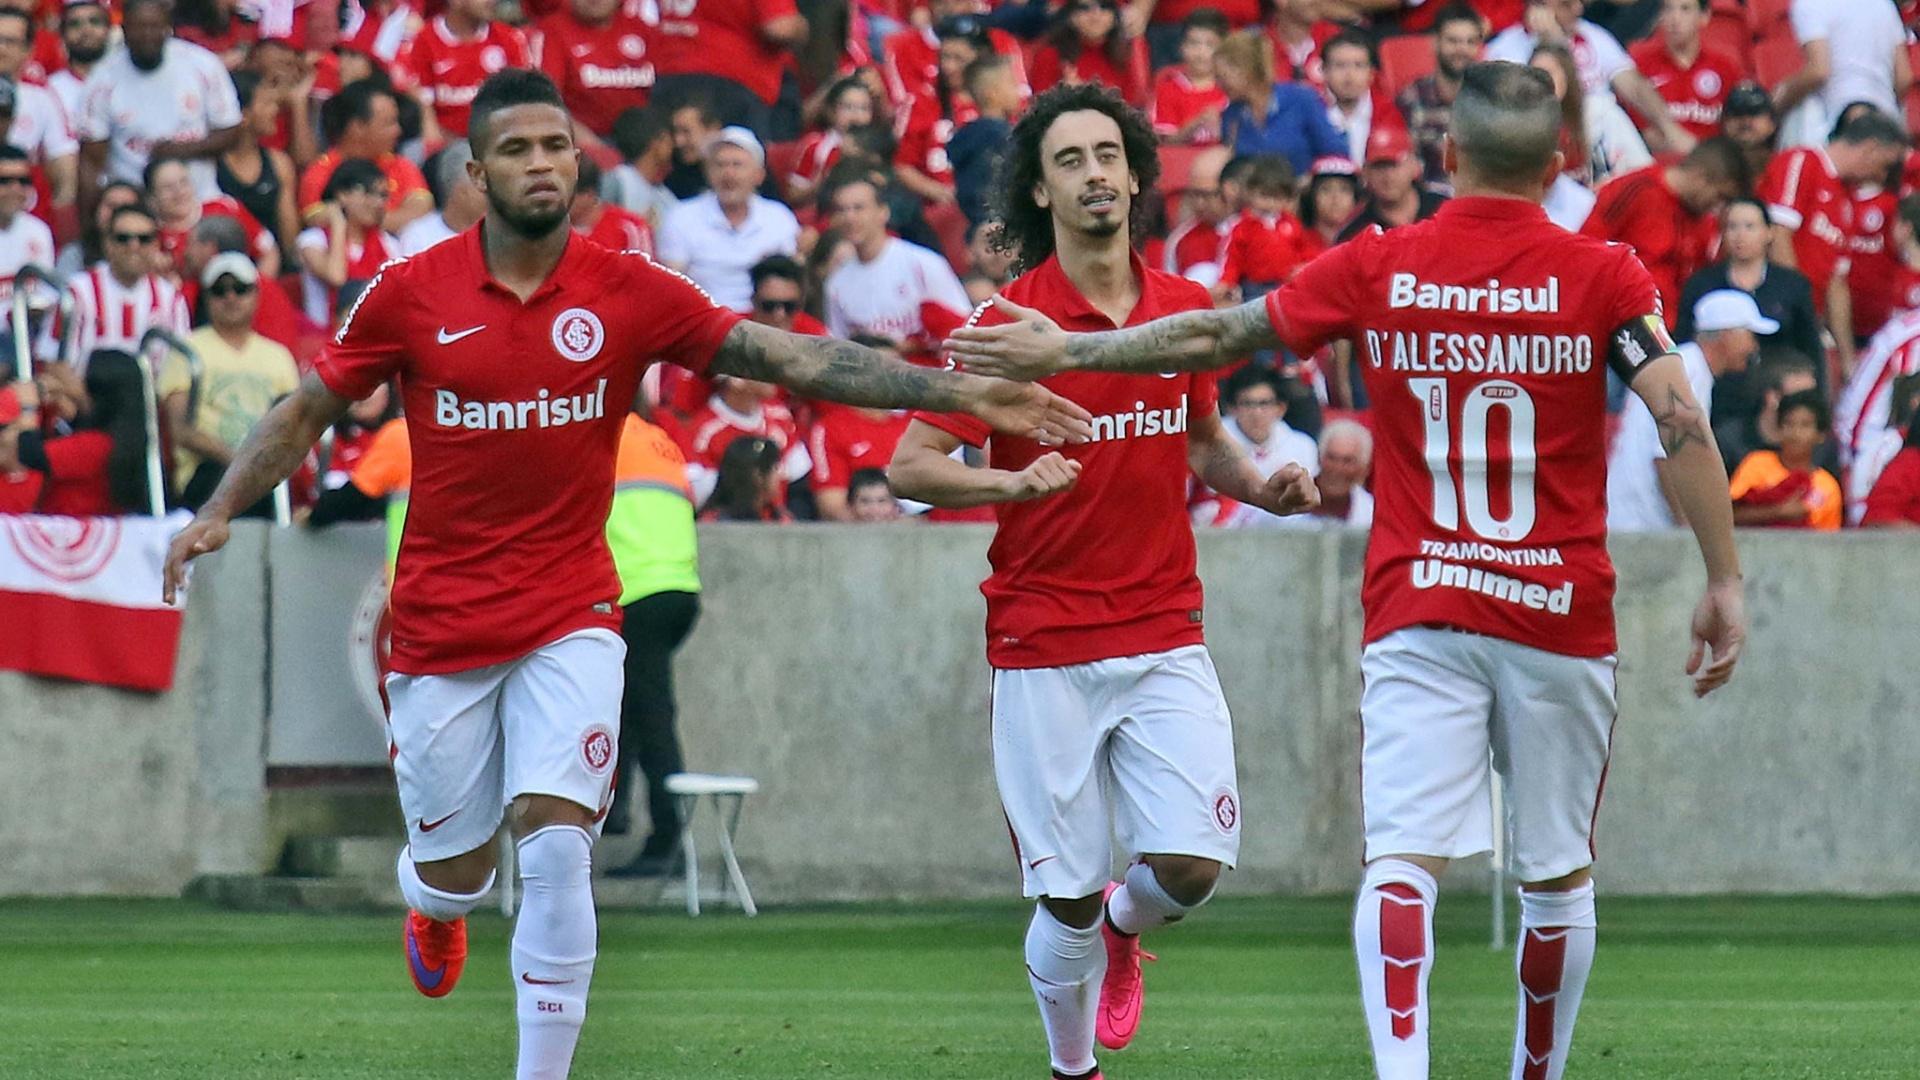 Jogadores do Inter comemoram gol marcado contra o Atlético-PR, no Beira-Rio